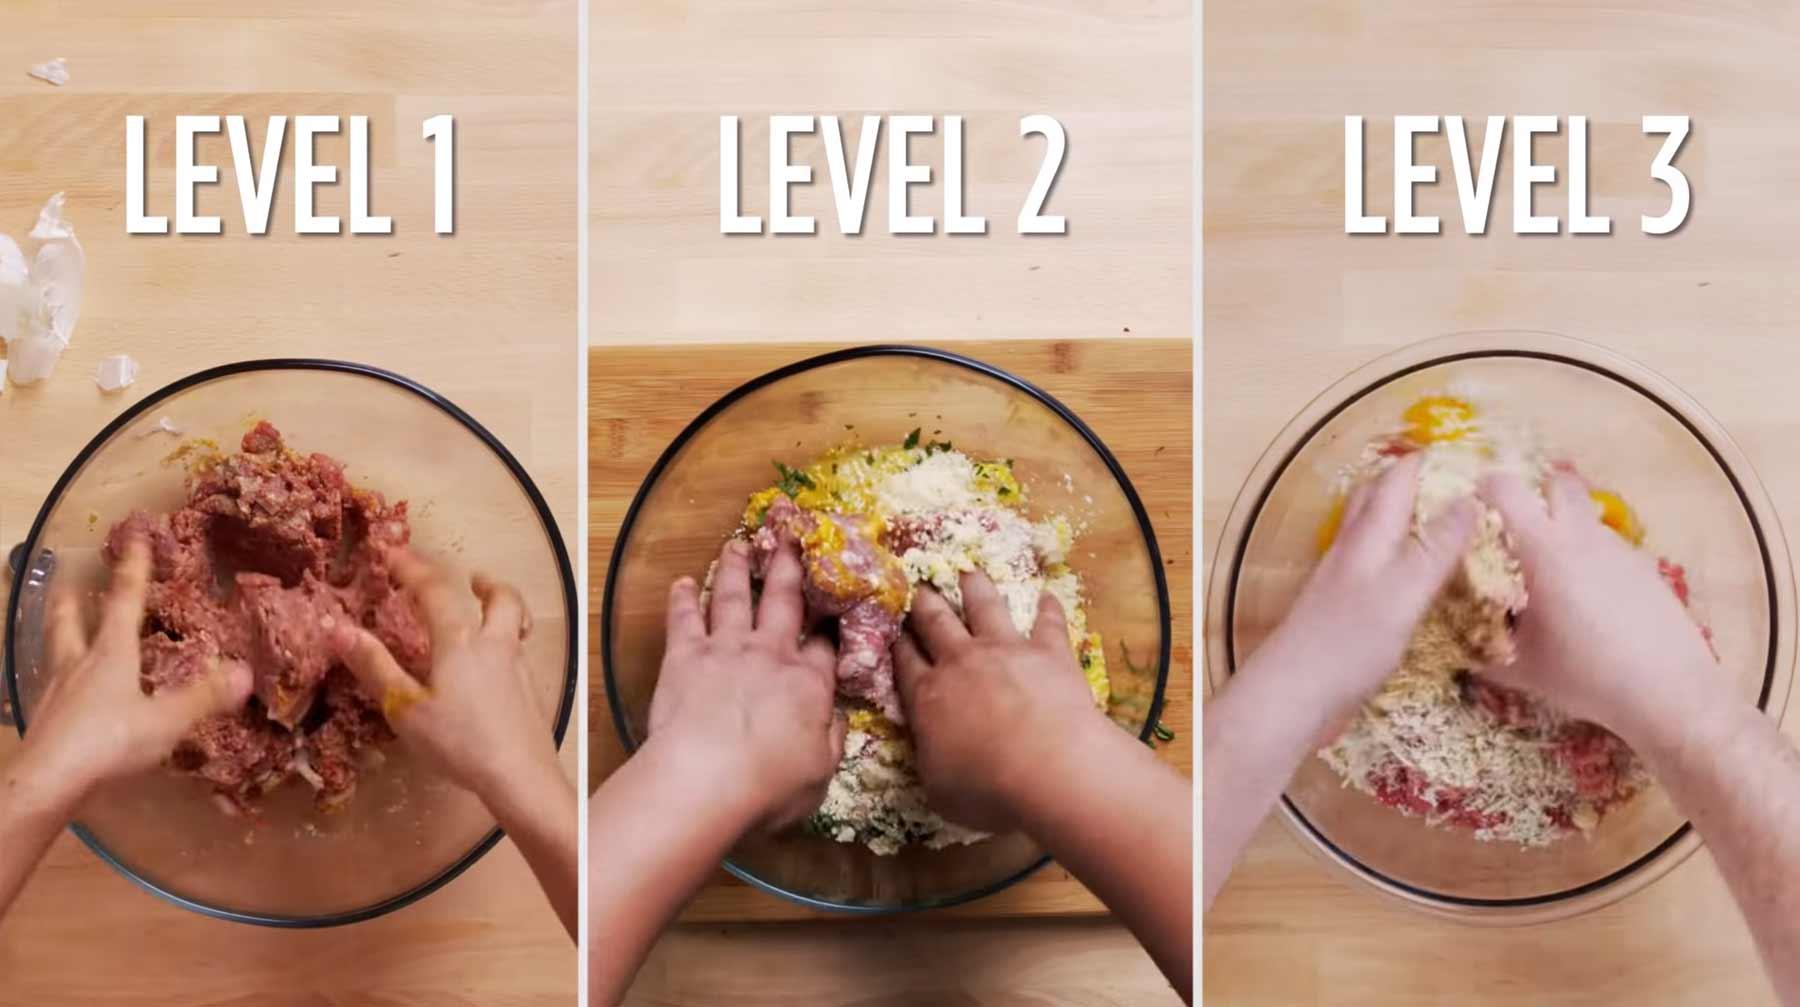 Köche unterschiedlicher Fähigkeitsgrade machen Spaghetti mit Fleischklößen